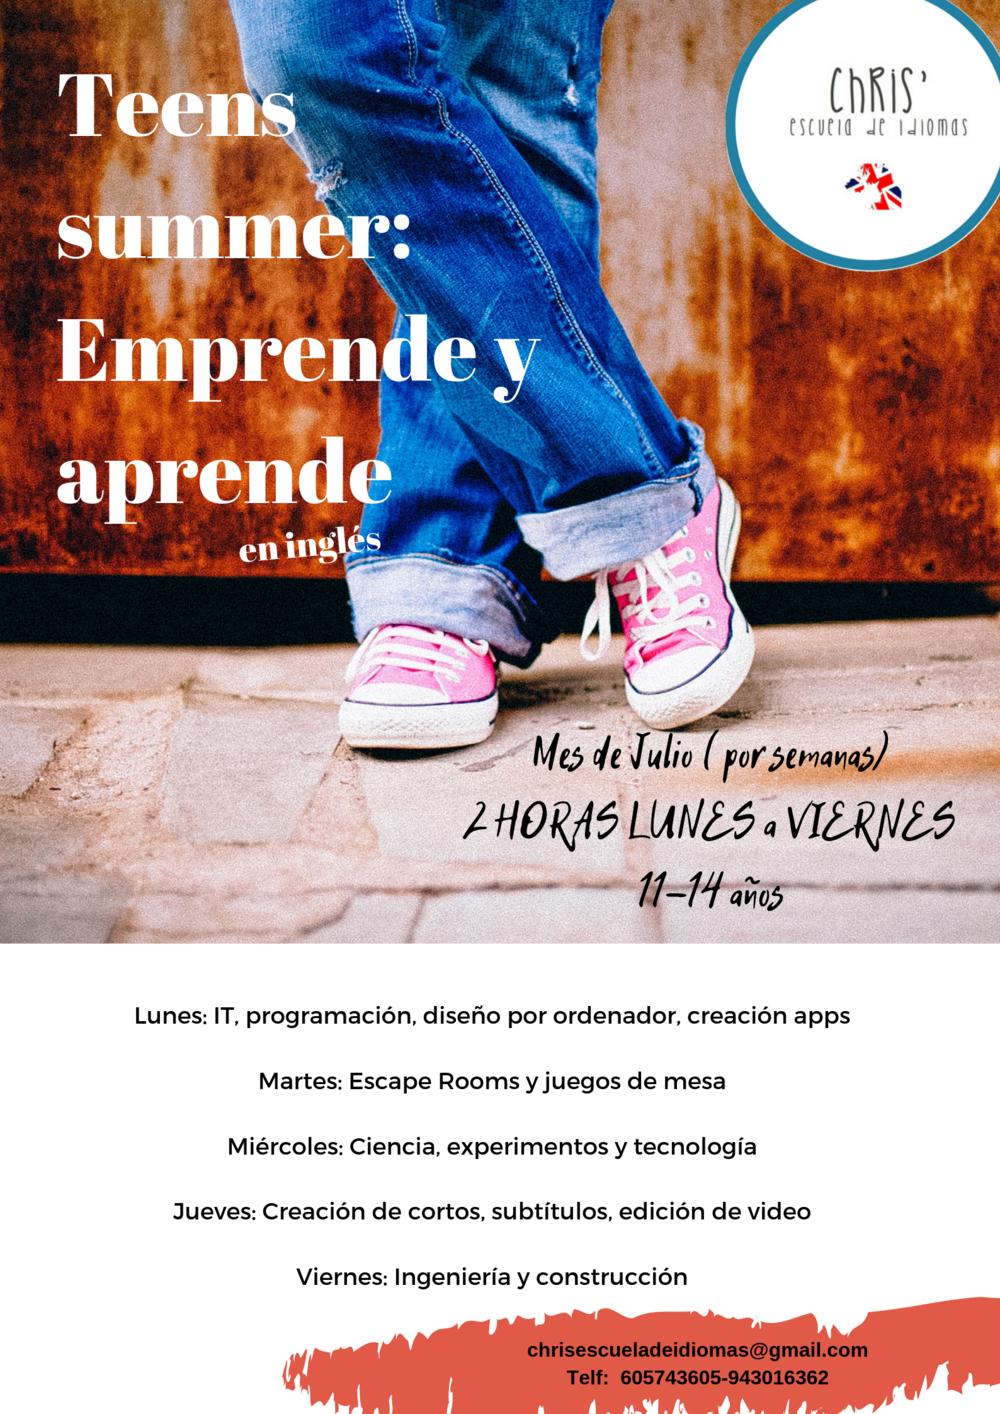 ingles en verano para adolescentes